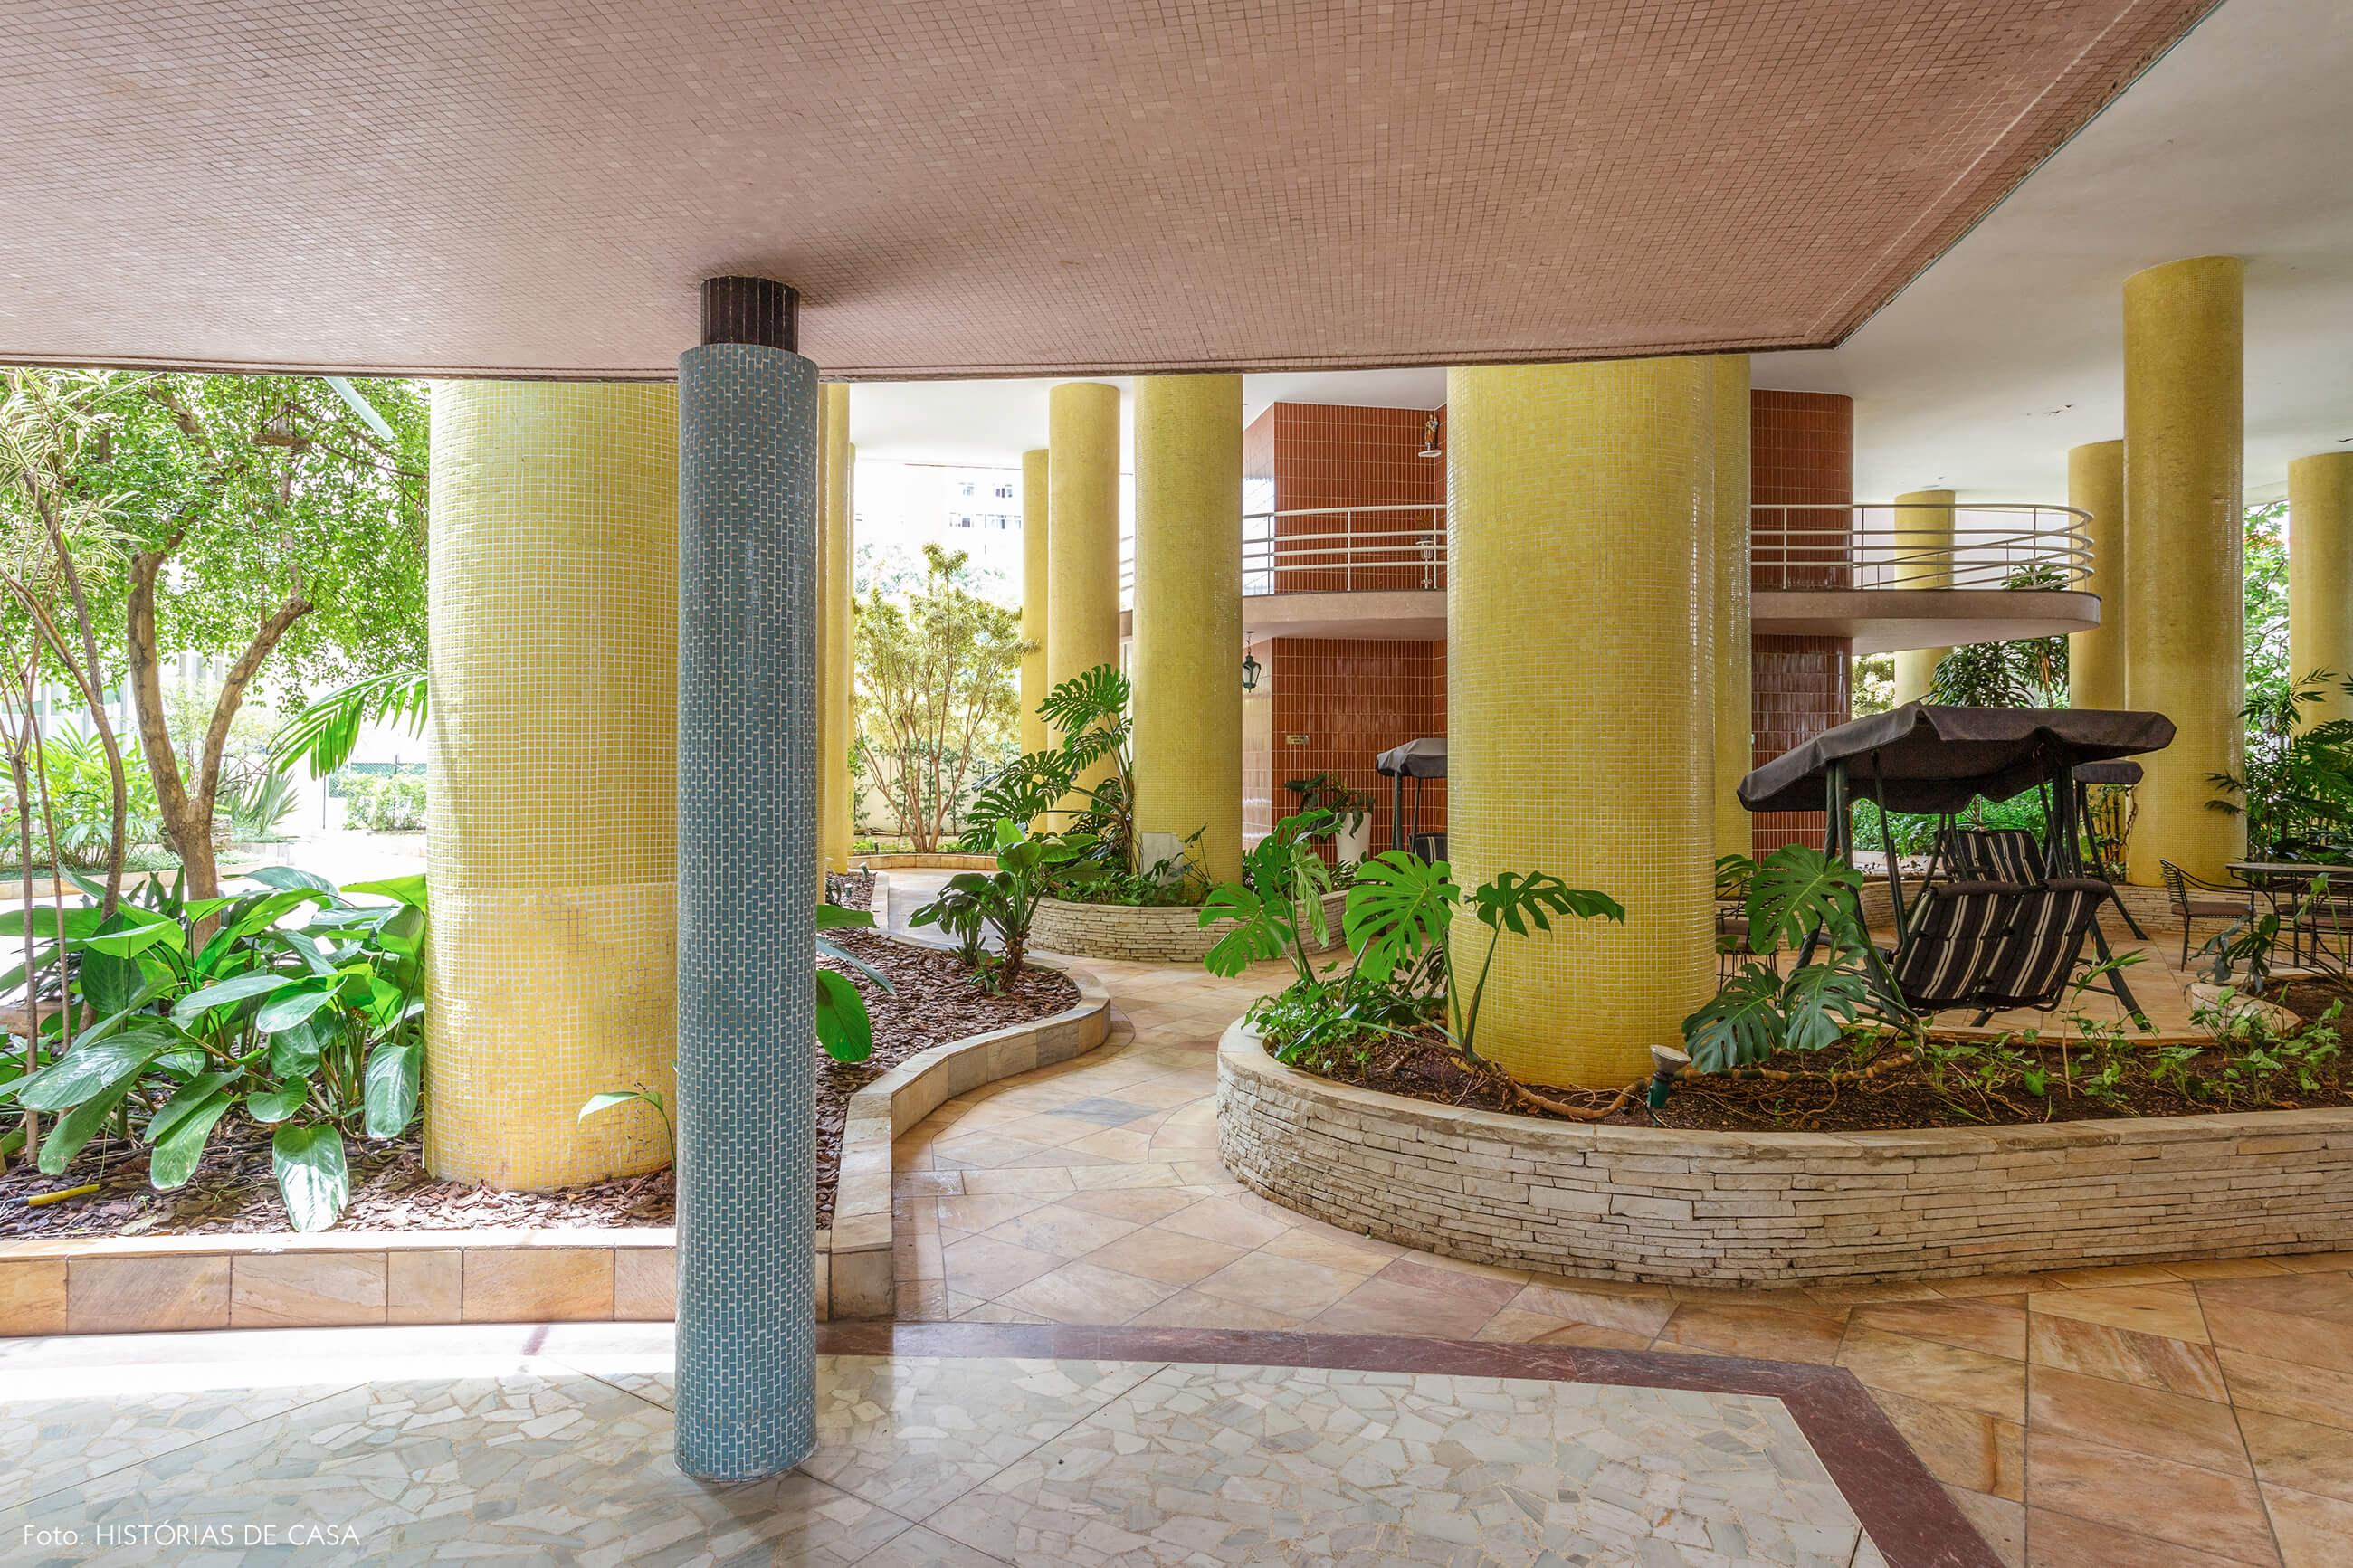 Pilares com pastilhas coloridas do Edifício Parque das Hortênsias, de Artacho Jurado